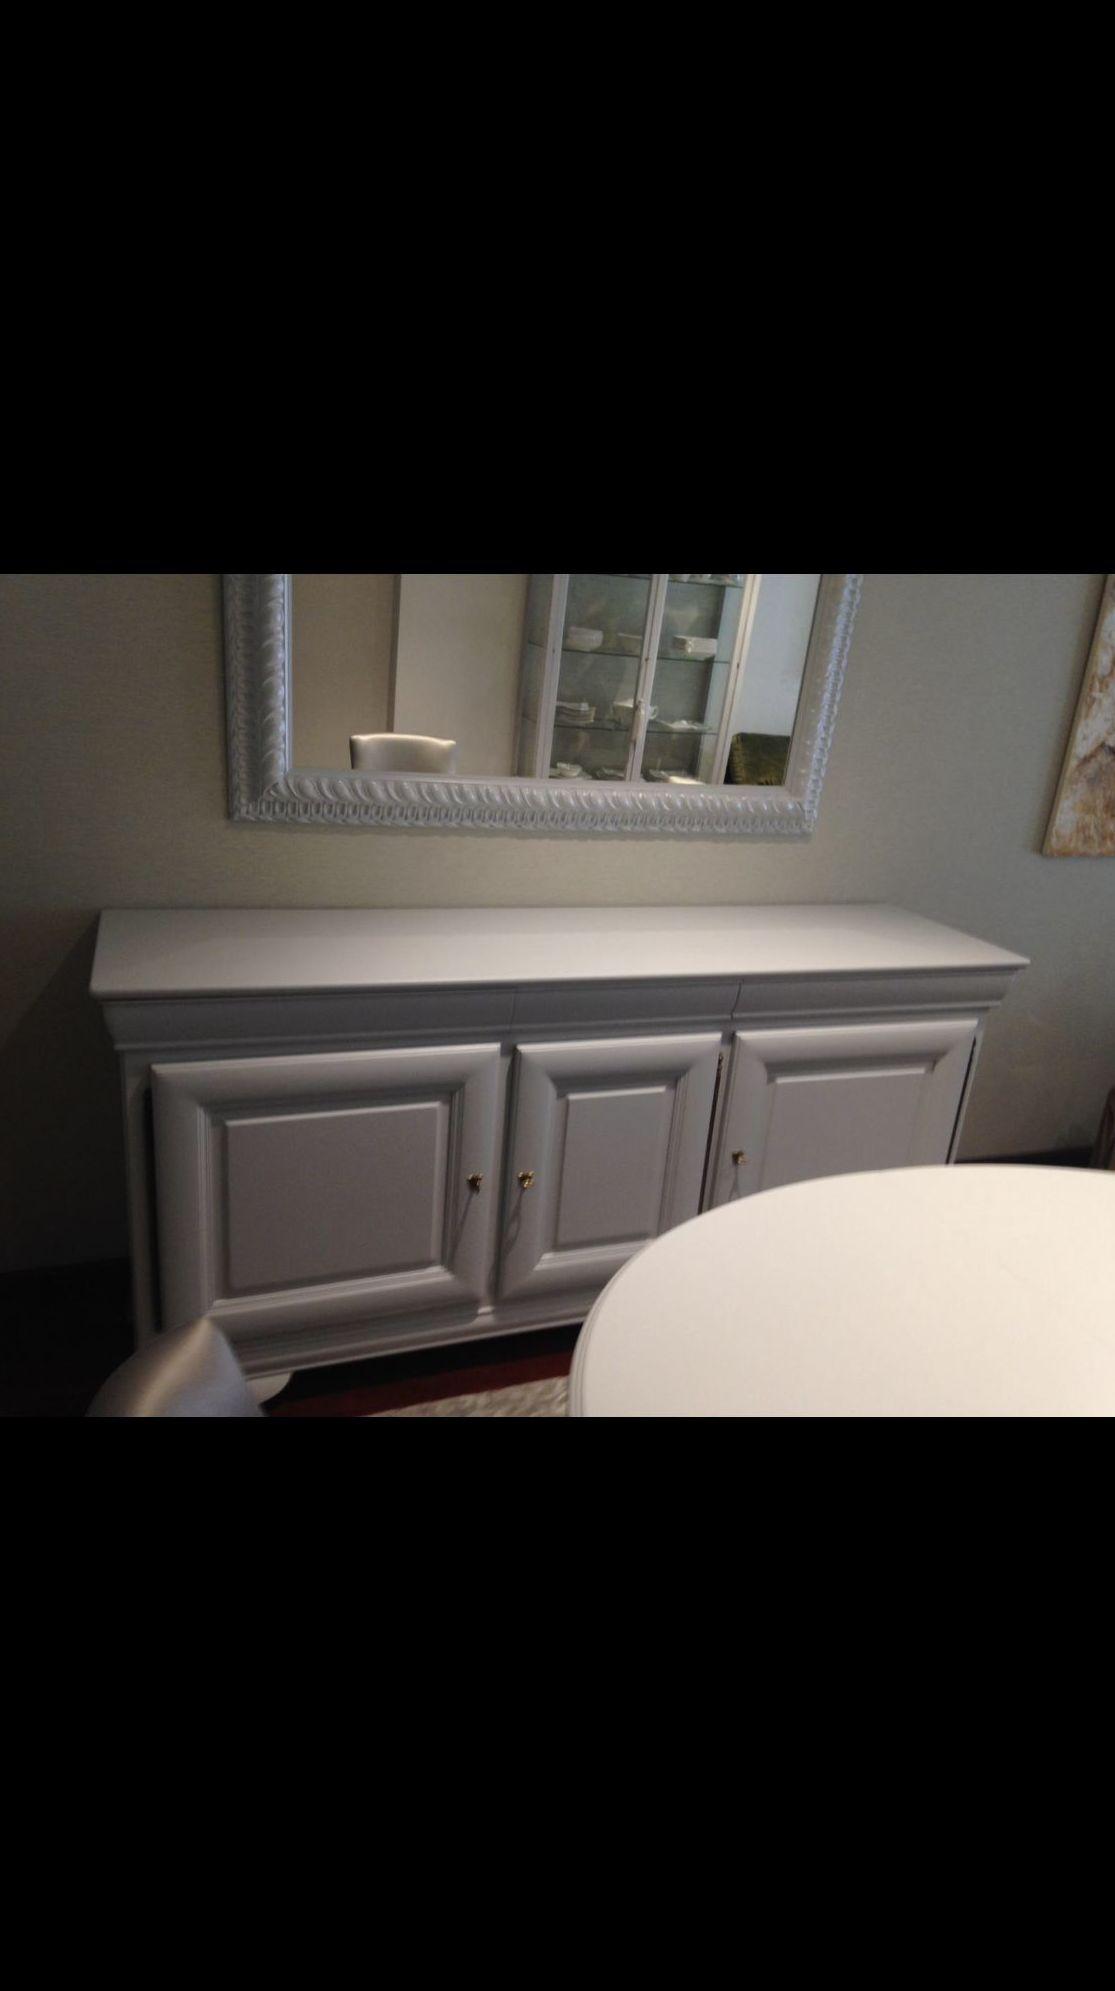 Restauración y lacado en color gris claro de aparador, mesa y Marco de espejo